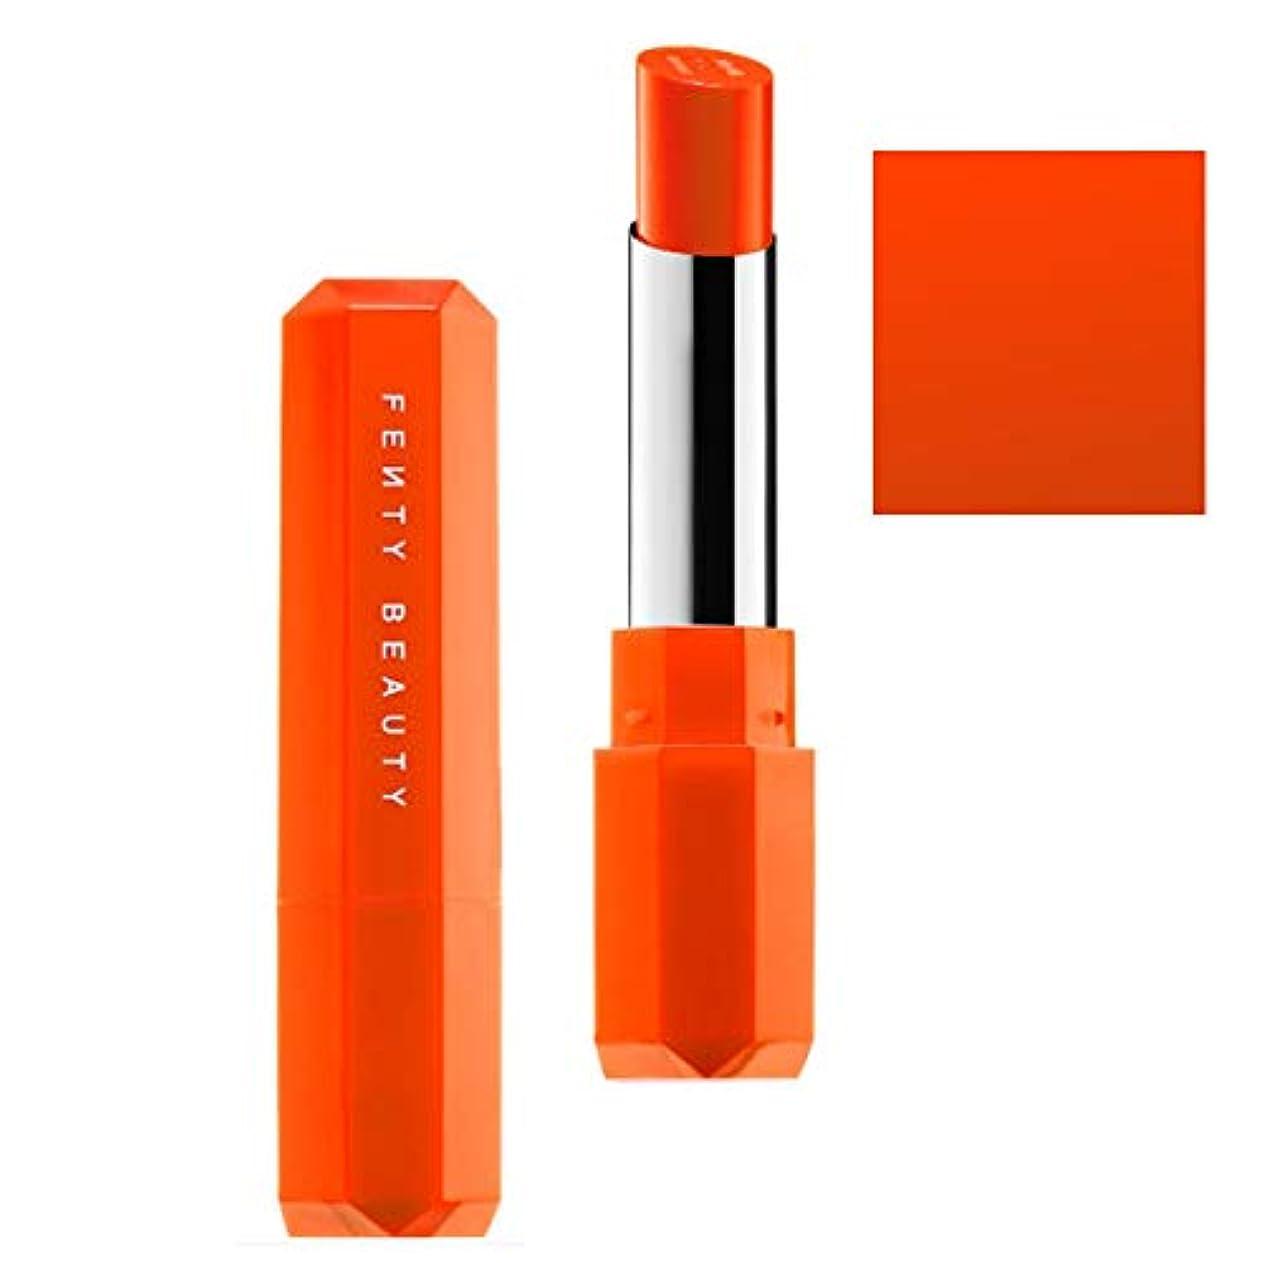 スチュワーデス自殺オンスFENTY BEAUTY BY RIHANNA,New!!, 限定版 limited-edition, Poutsicle Juicy Satin Lipstick - Sun Snatched [海外直送品] [並行輸入品]